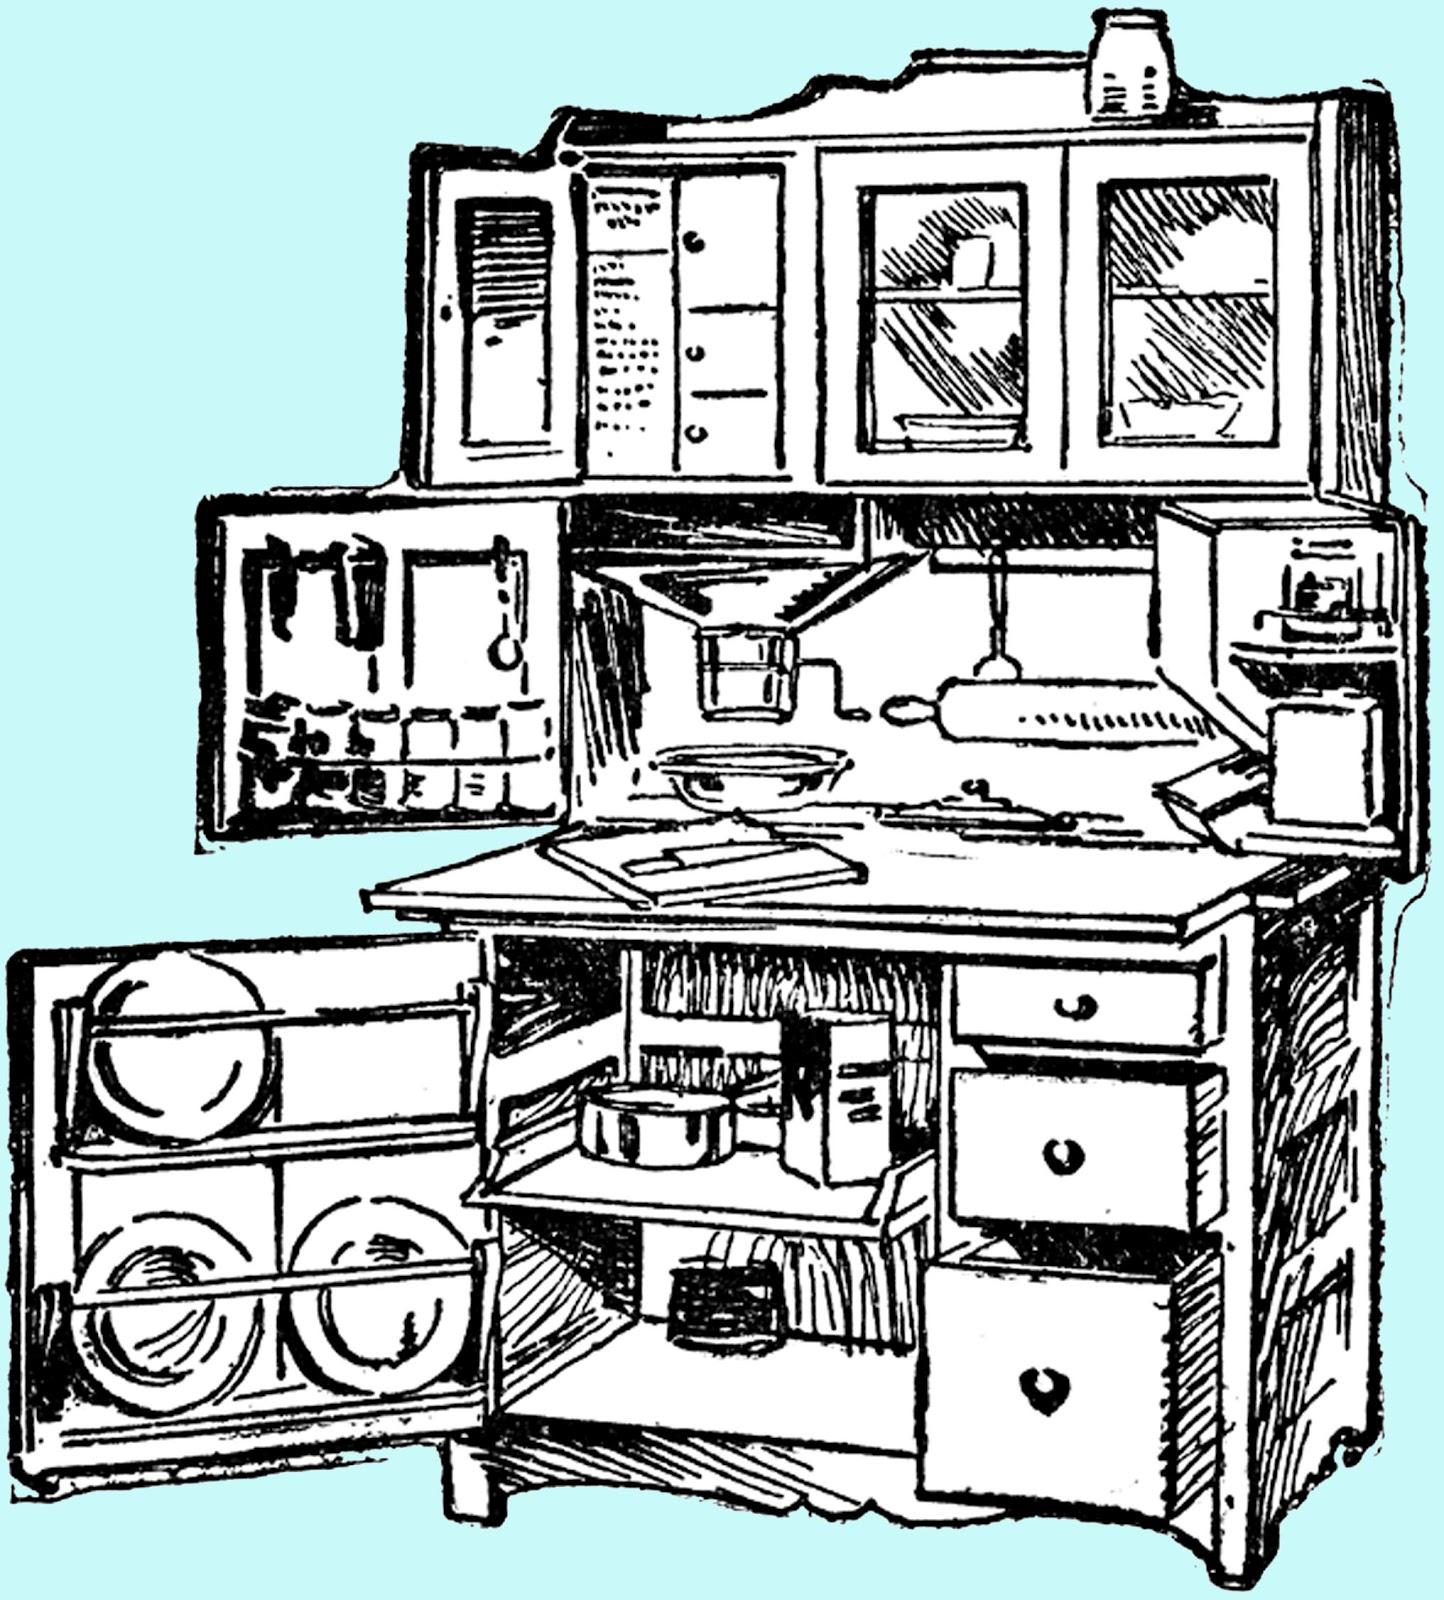 Kitchen Cabinet Clip Art: **FREE ViNTaGE DiGiTaL STaMPS**: Free Digital Stamp